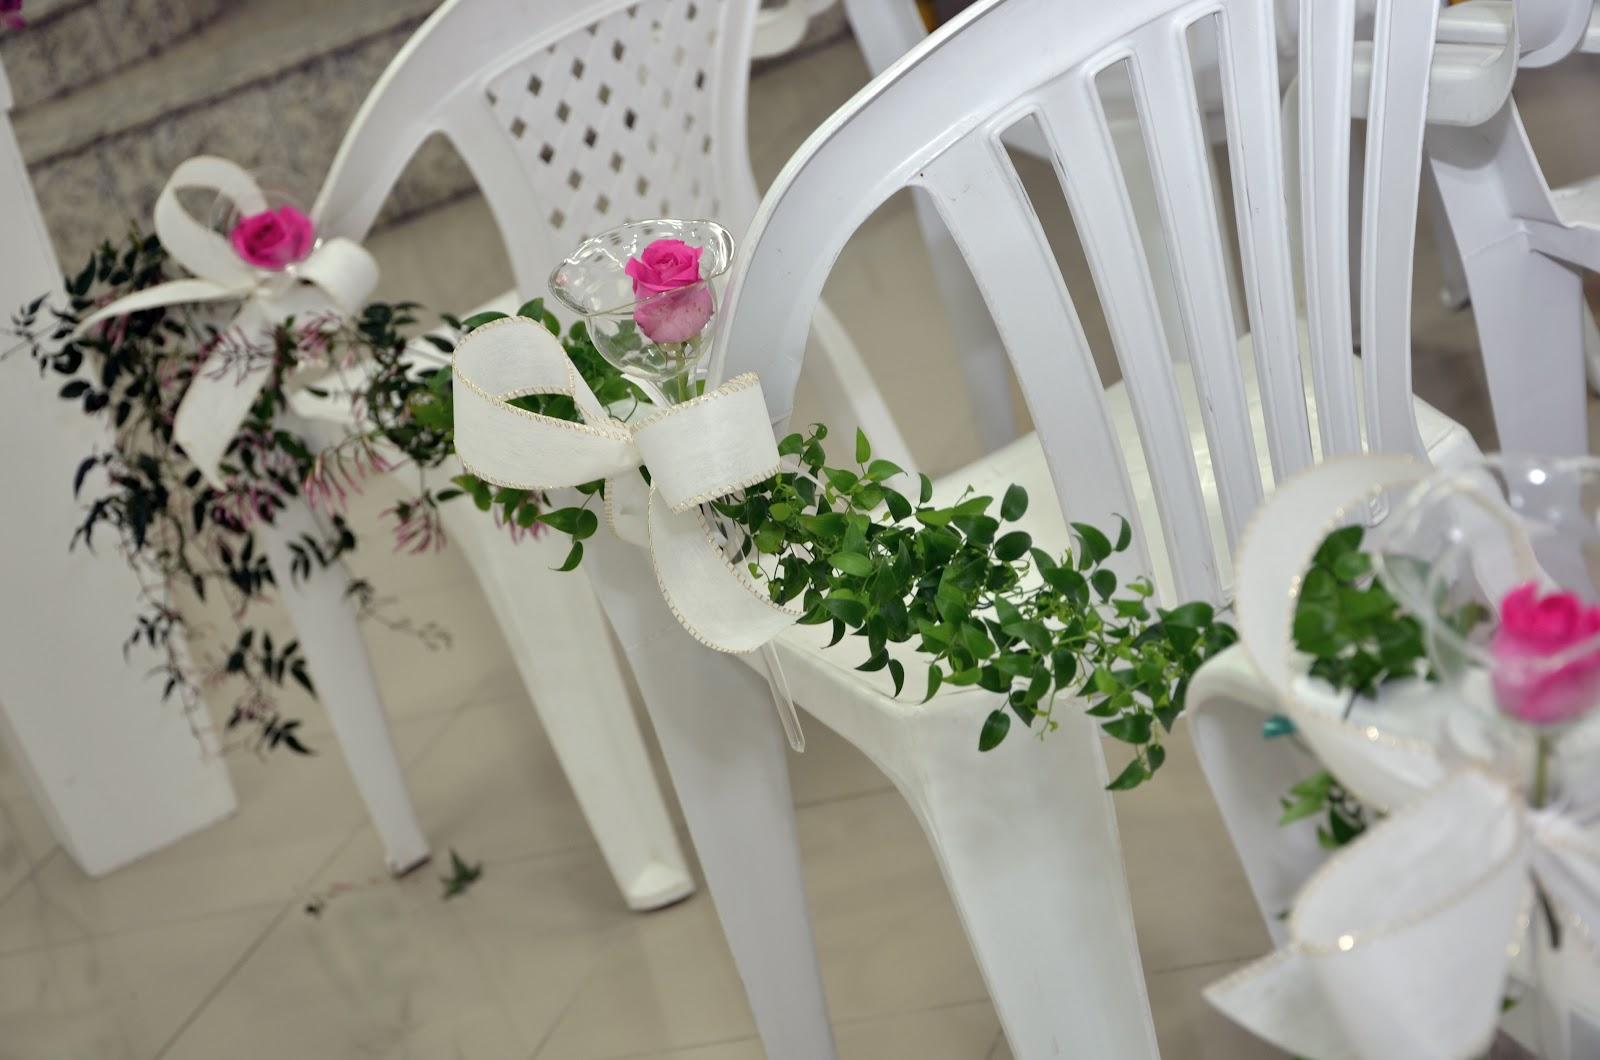 Casa: Decorando casamento: Cadeiras de plástico e ferro tipo bar #436227 1600x1060